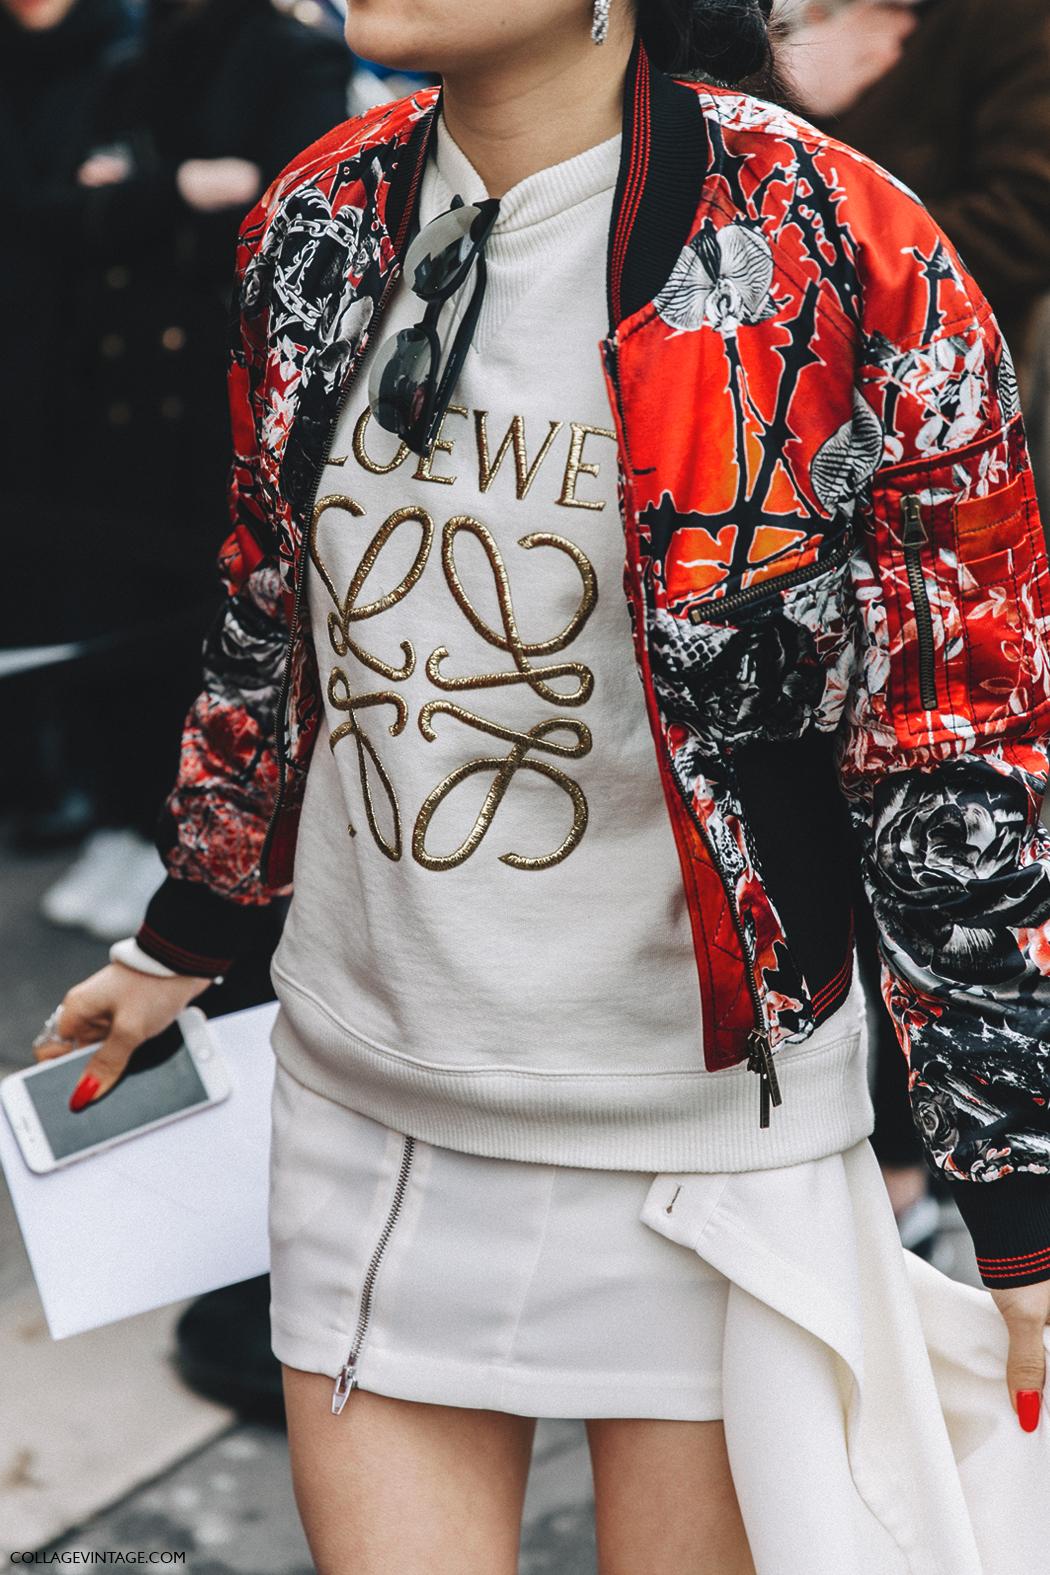 PFW-Paris_Fashion_Week_Fall_2016-Street_Style-Collage_Vintage-Loewe_Sweatshirt-Bomber_Jacket-